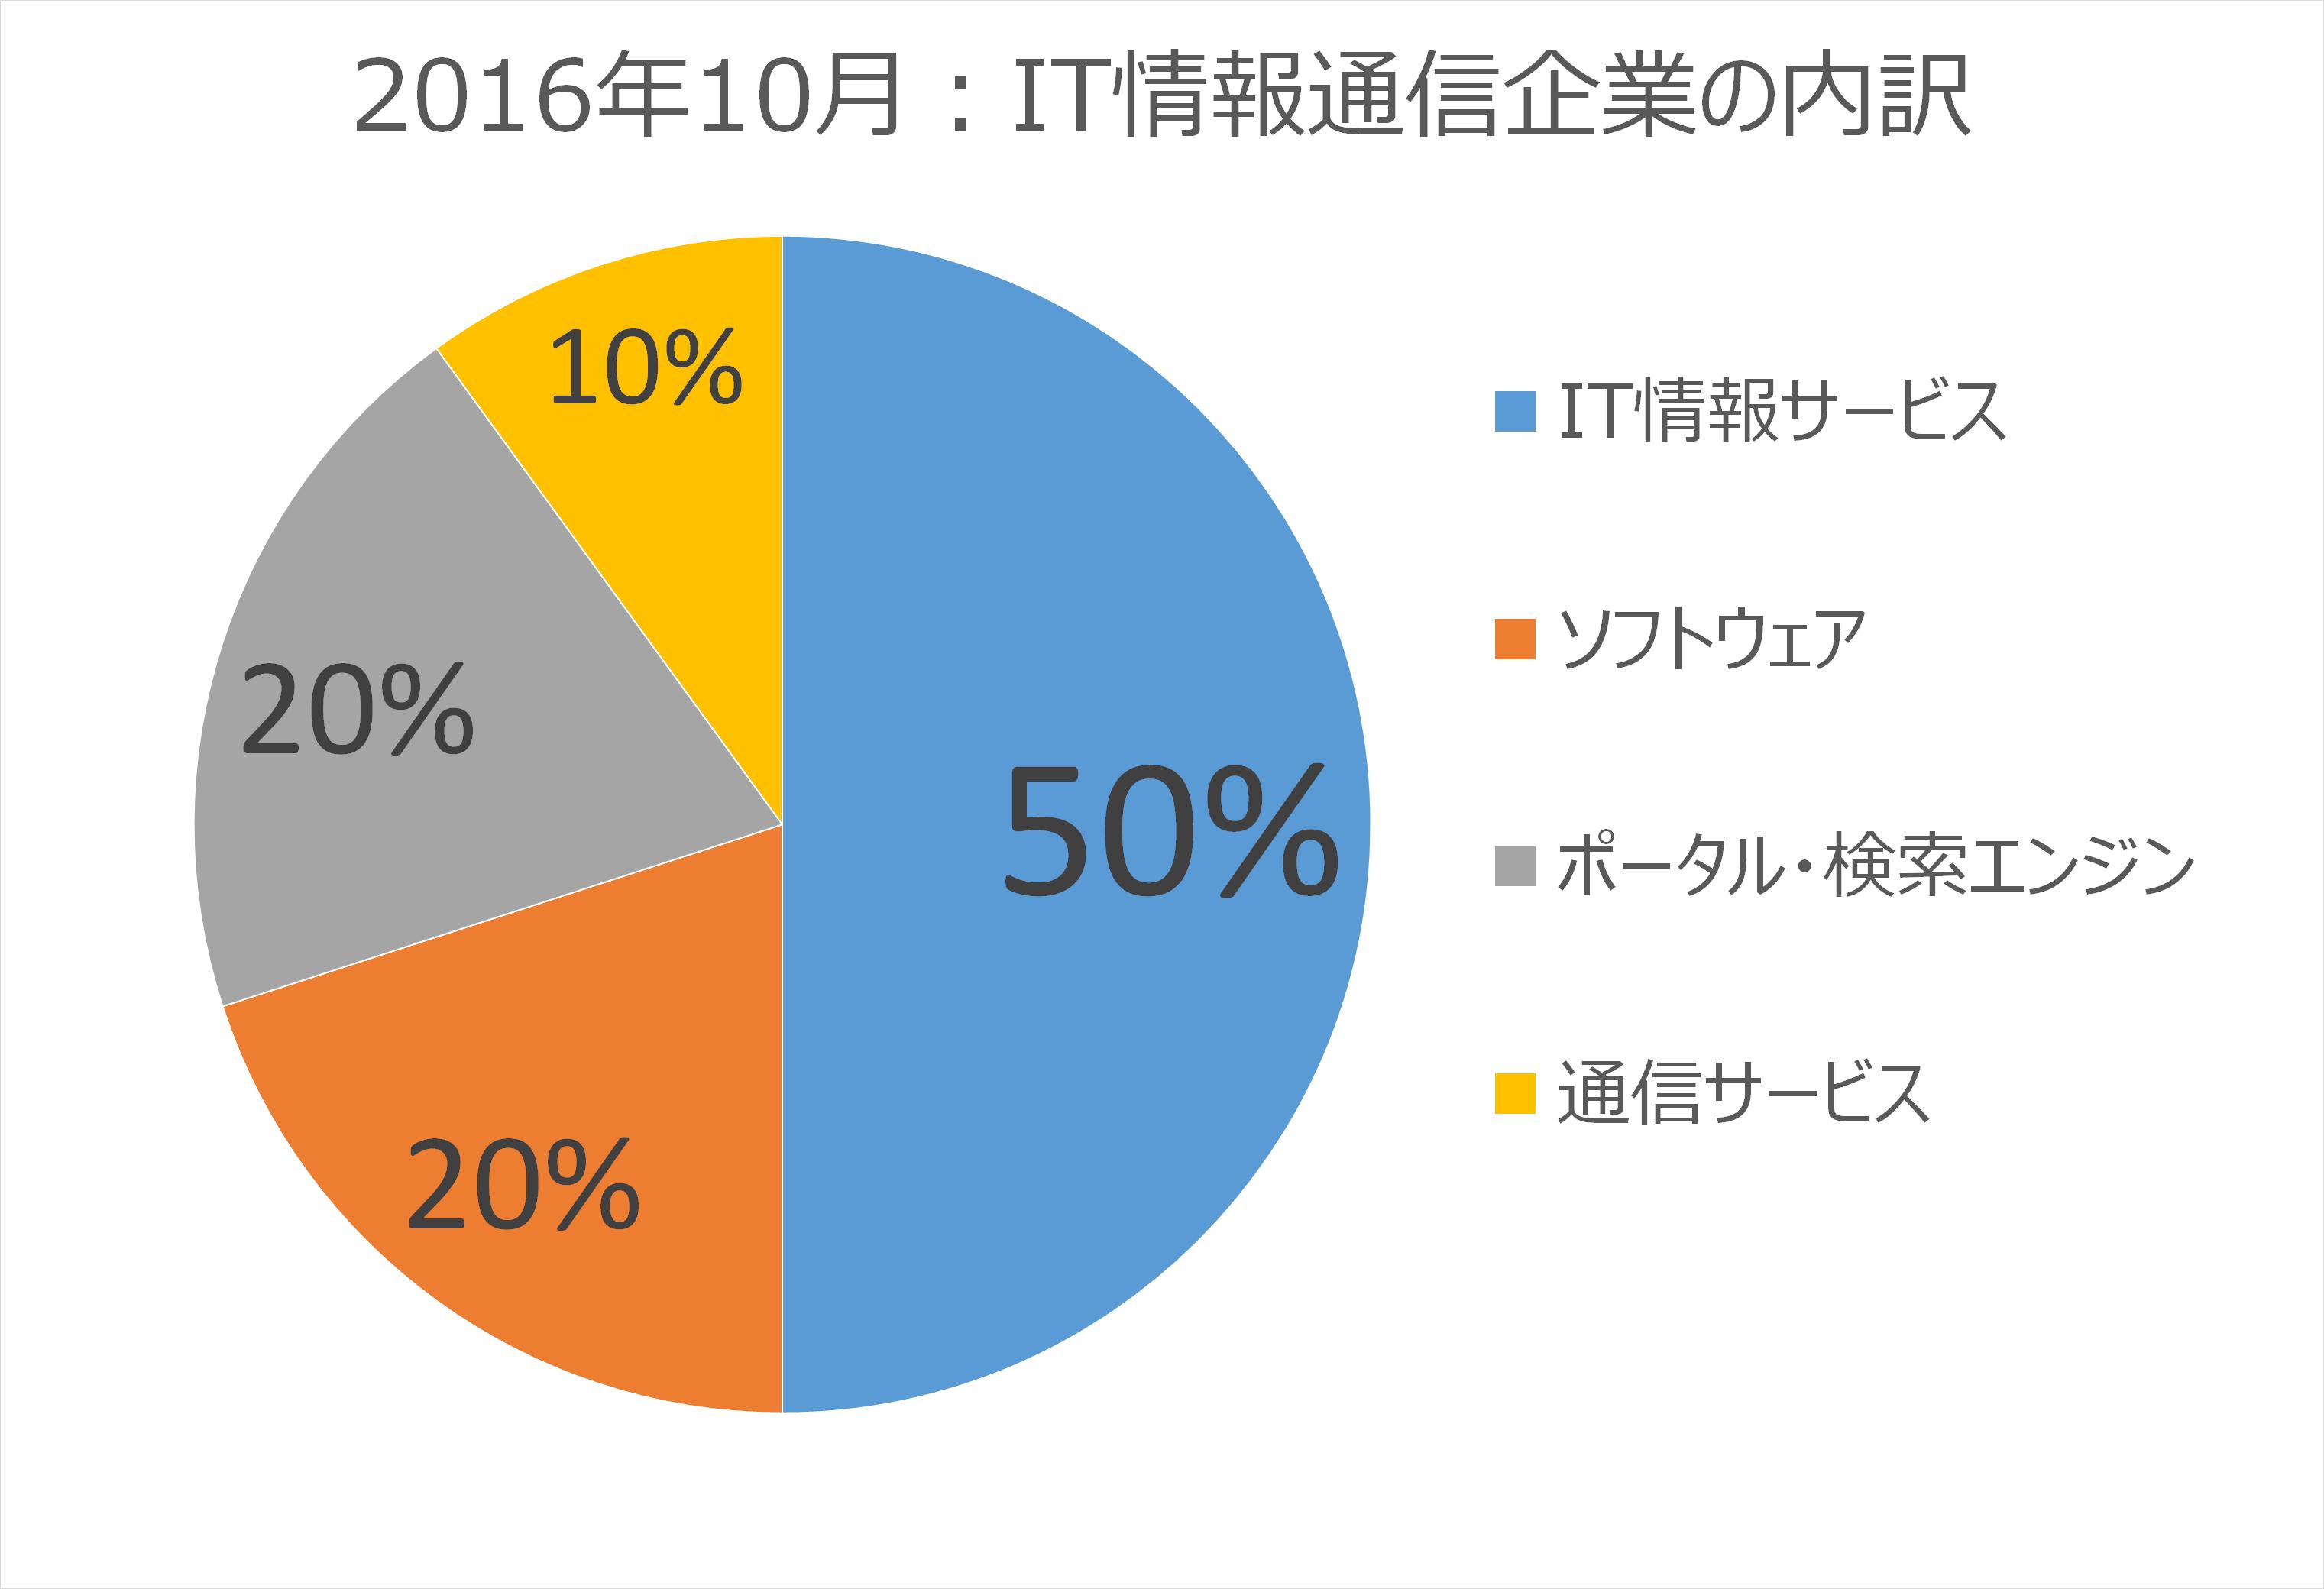 2016年6月:IT・情報通信企業の内訳